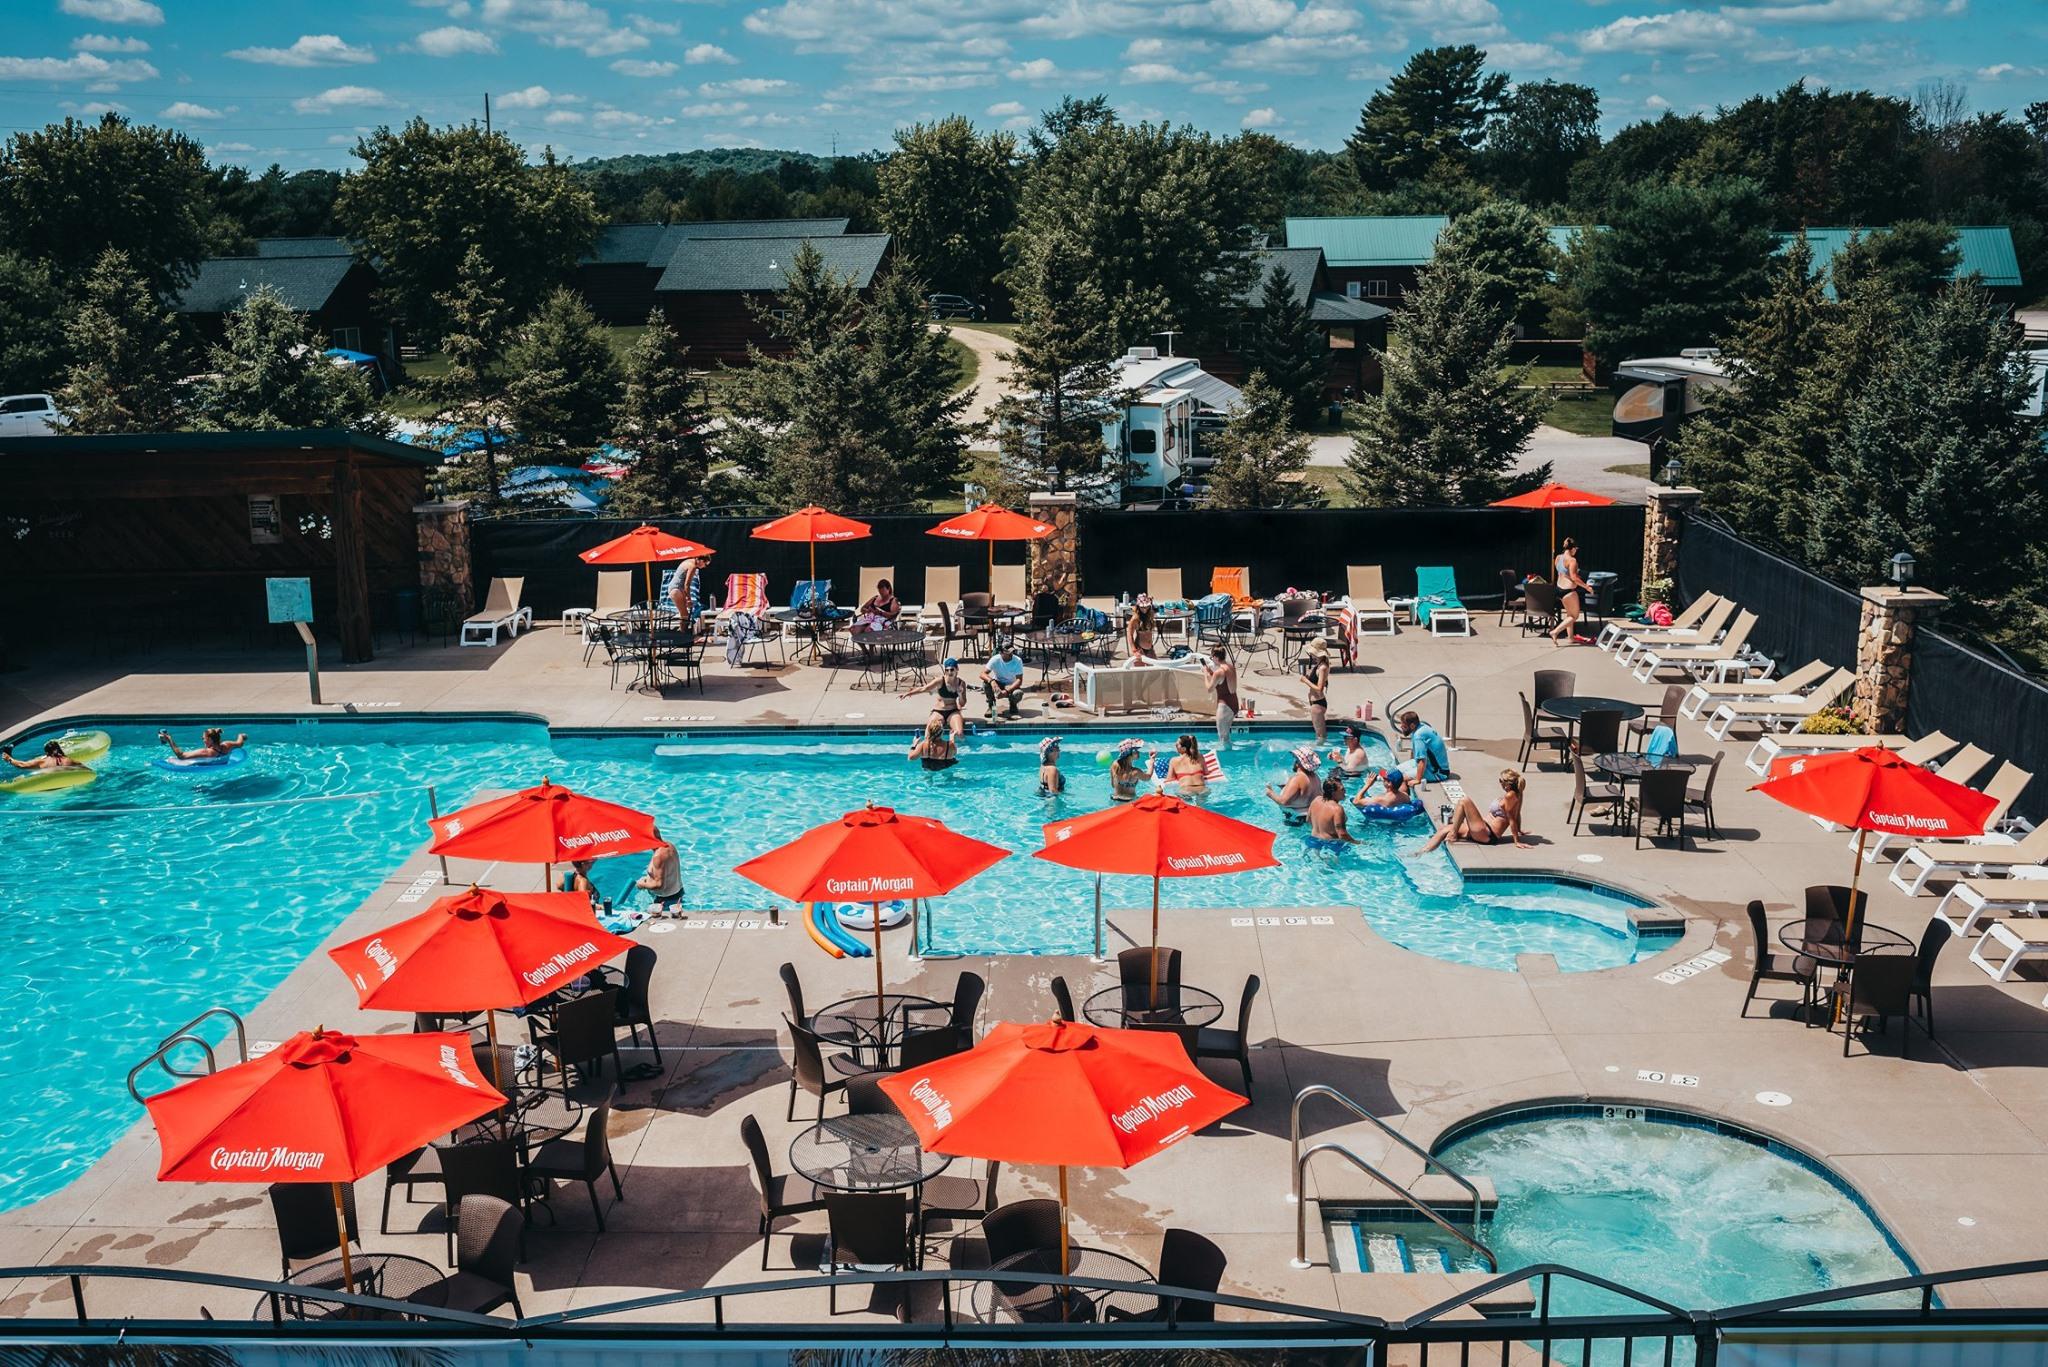 2,000 sq ft pool & hot tub